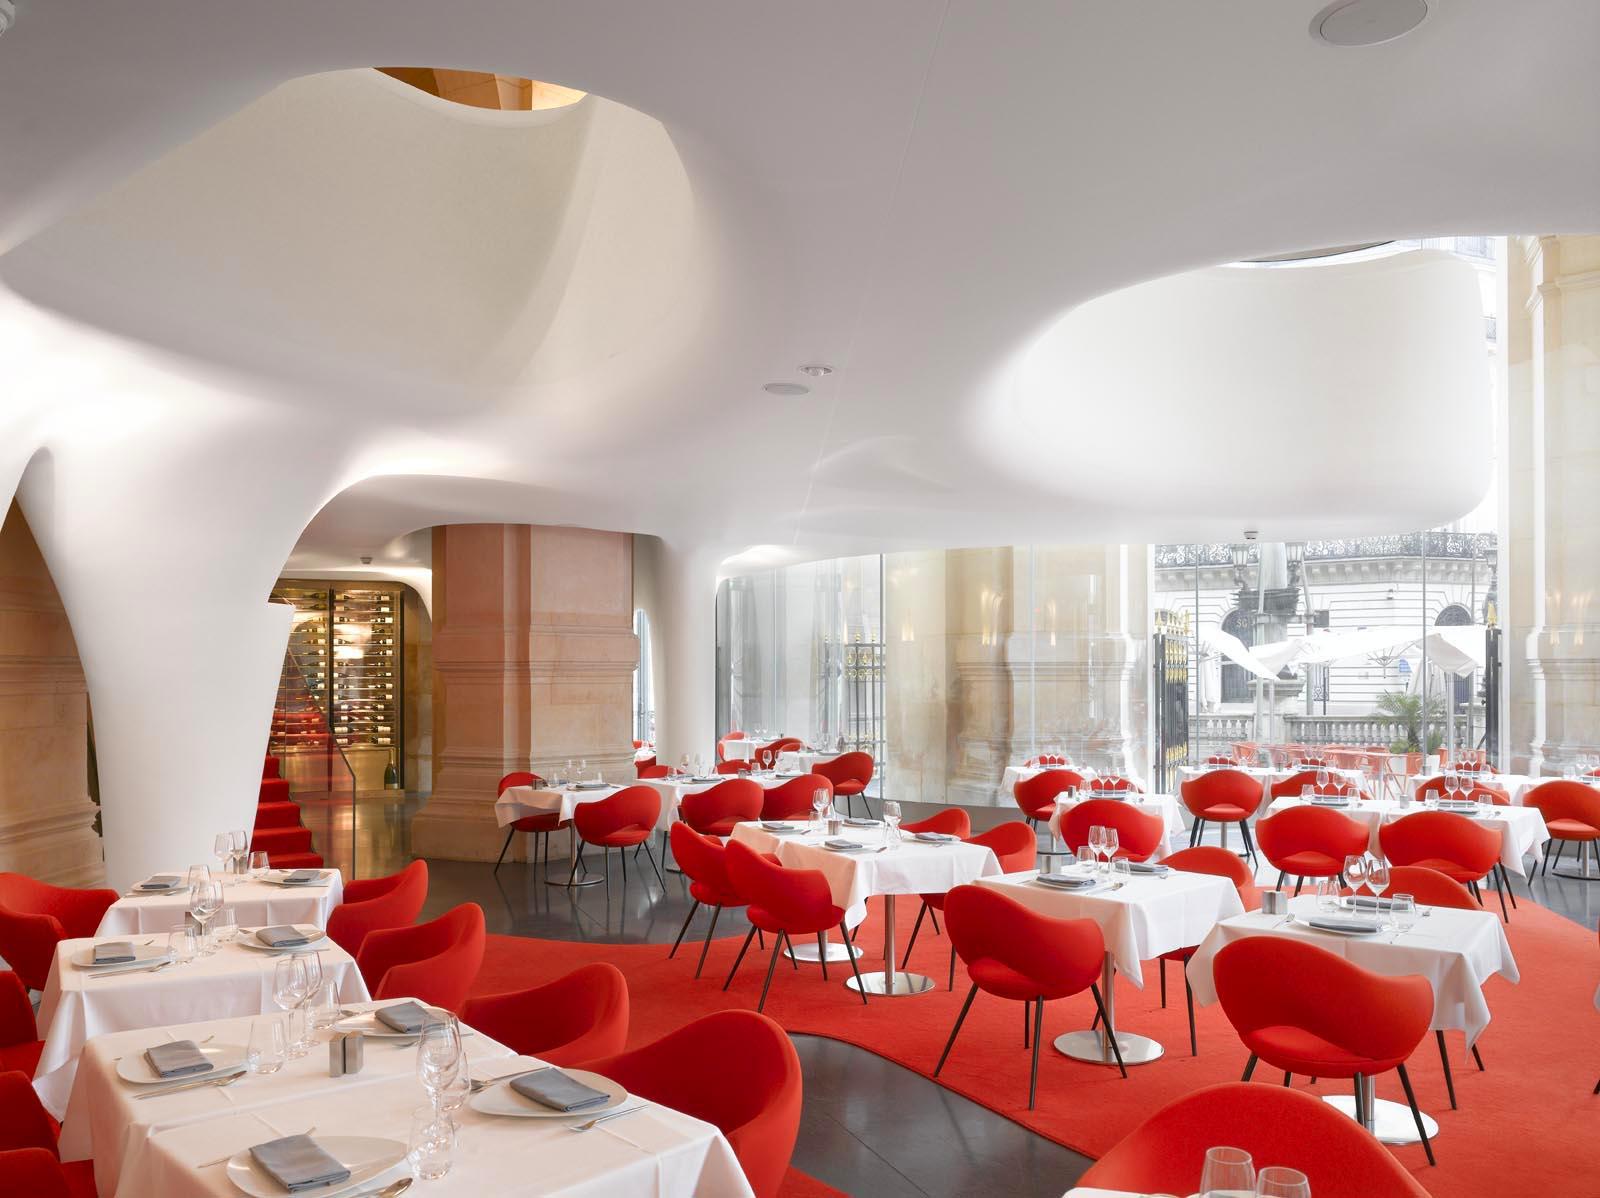 EG: Restaurant